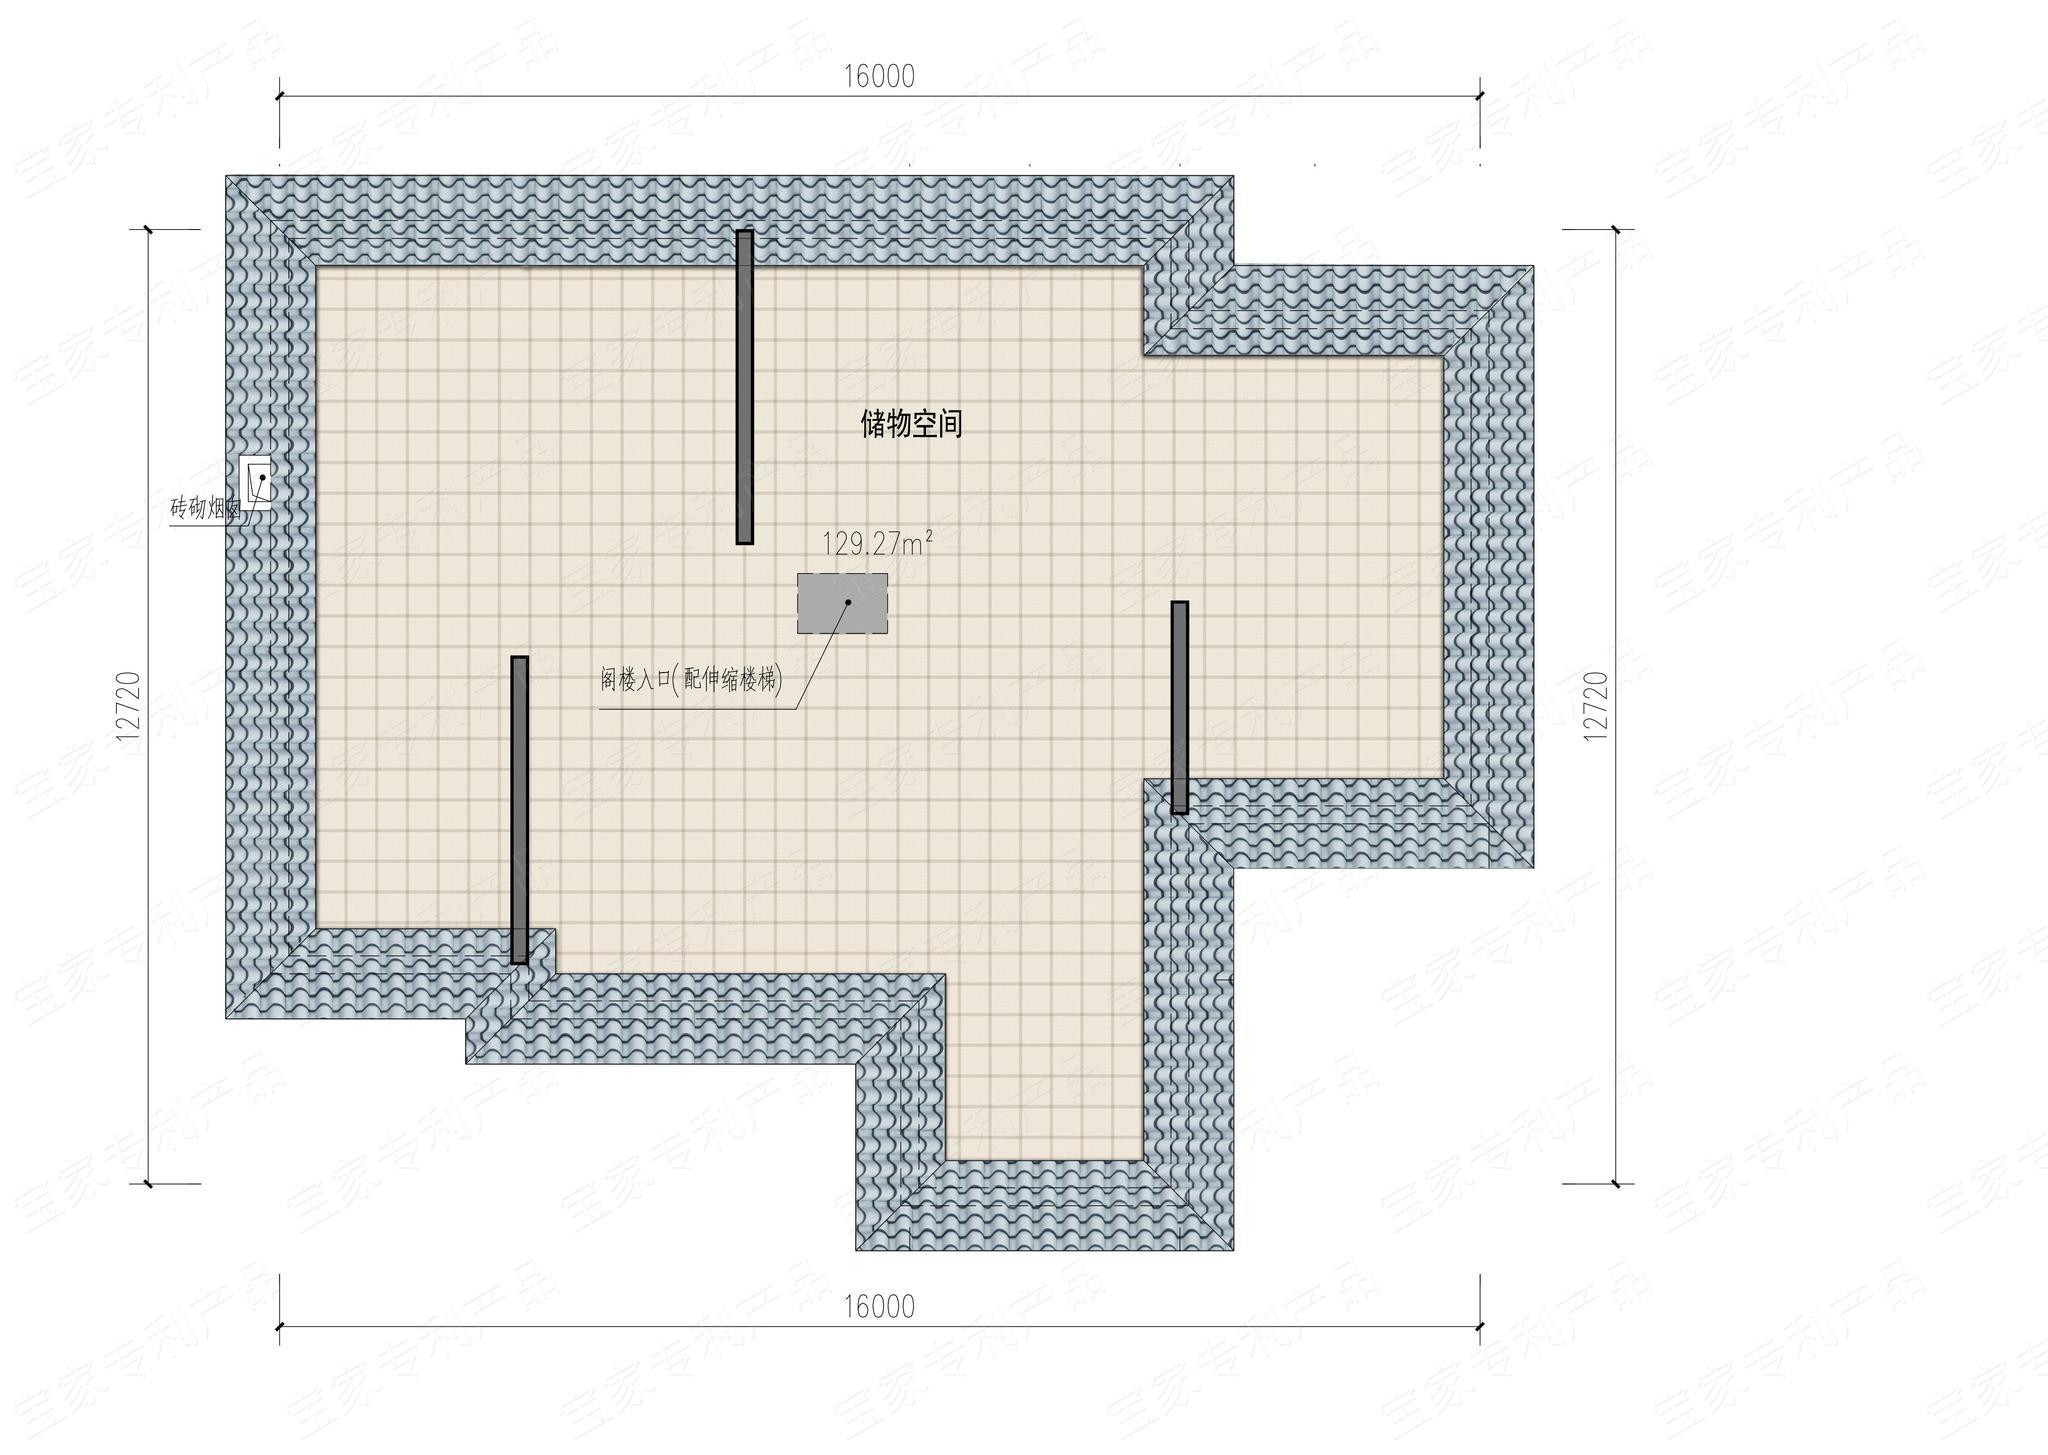 户型二,欧式经典乡村别墅 别墅基本信息: 开间:16米 进深:12.